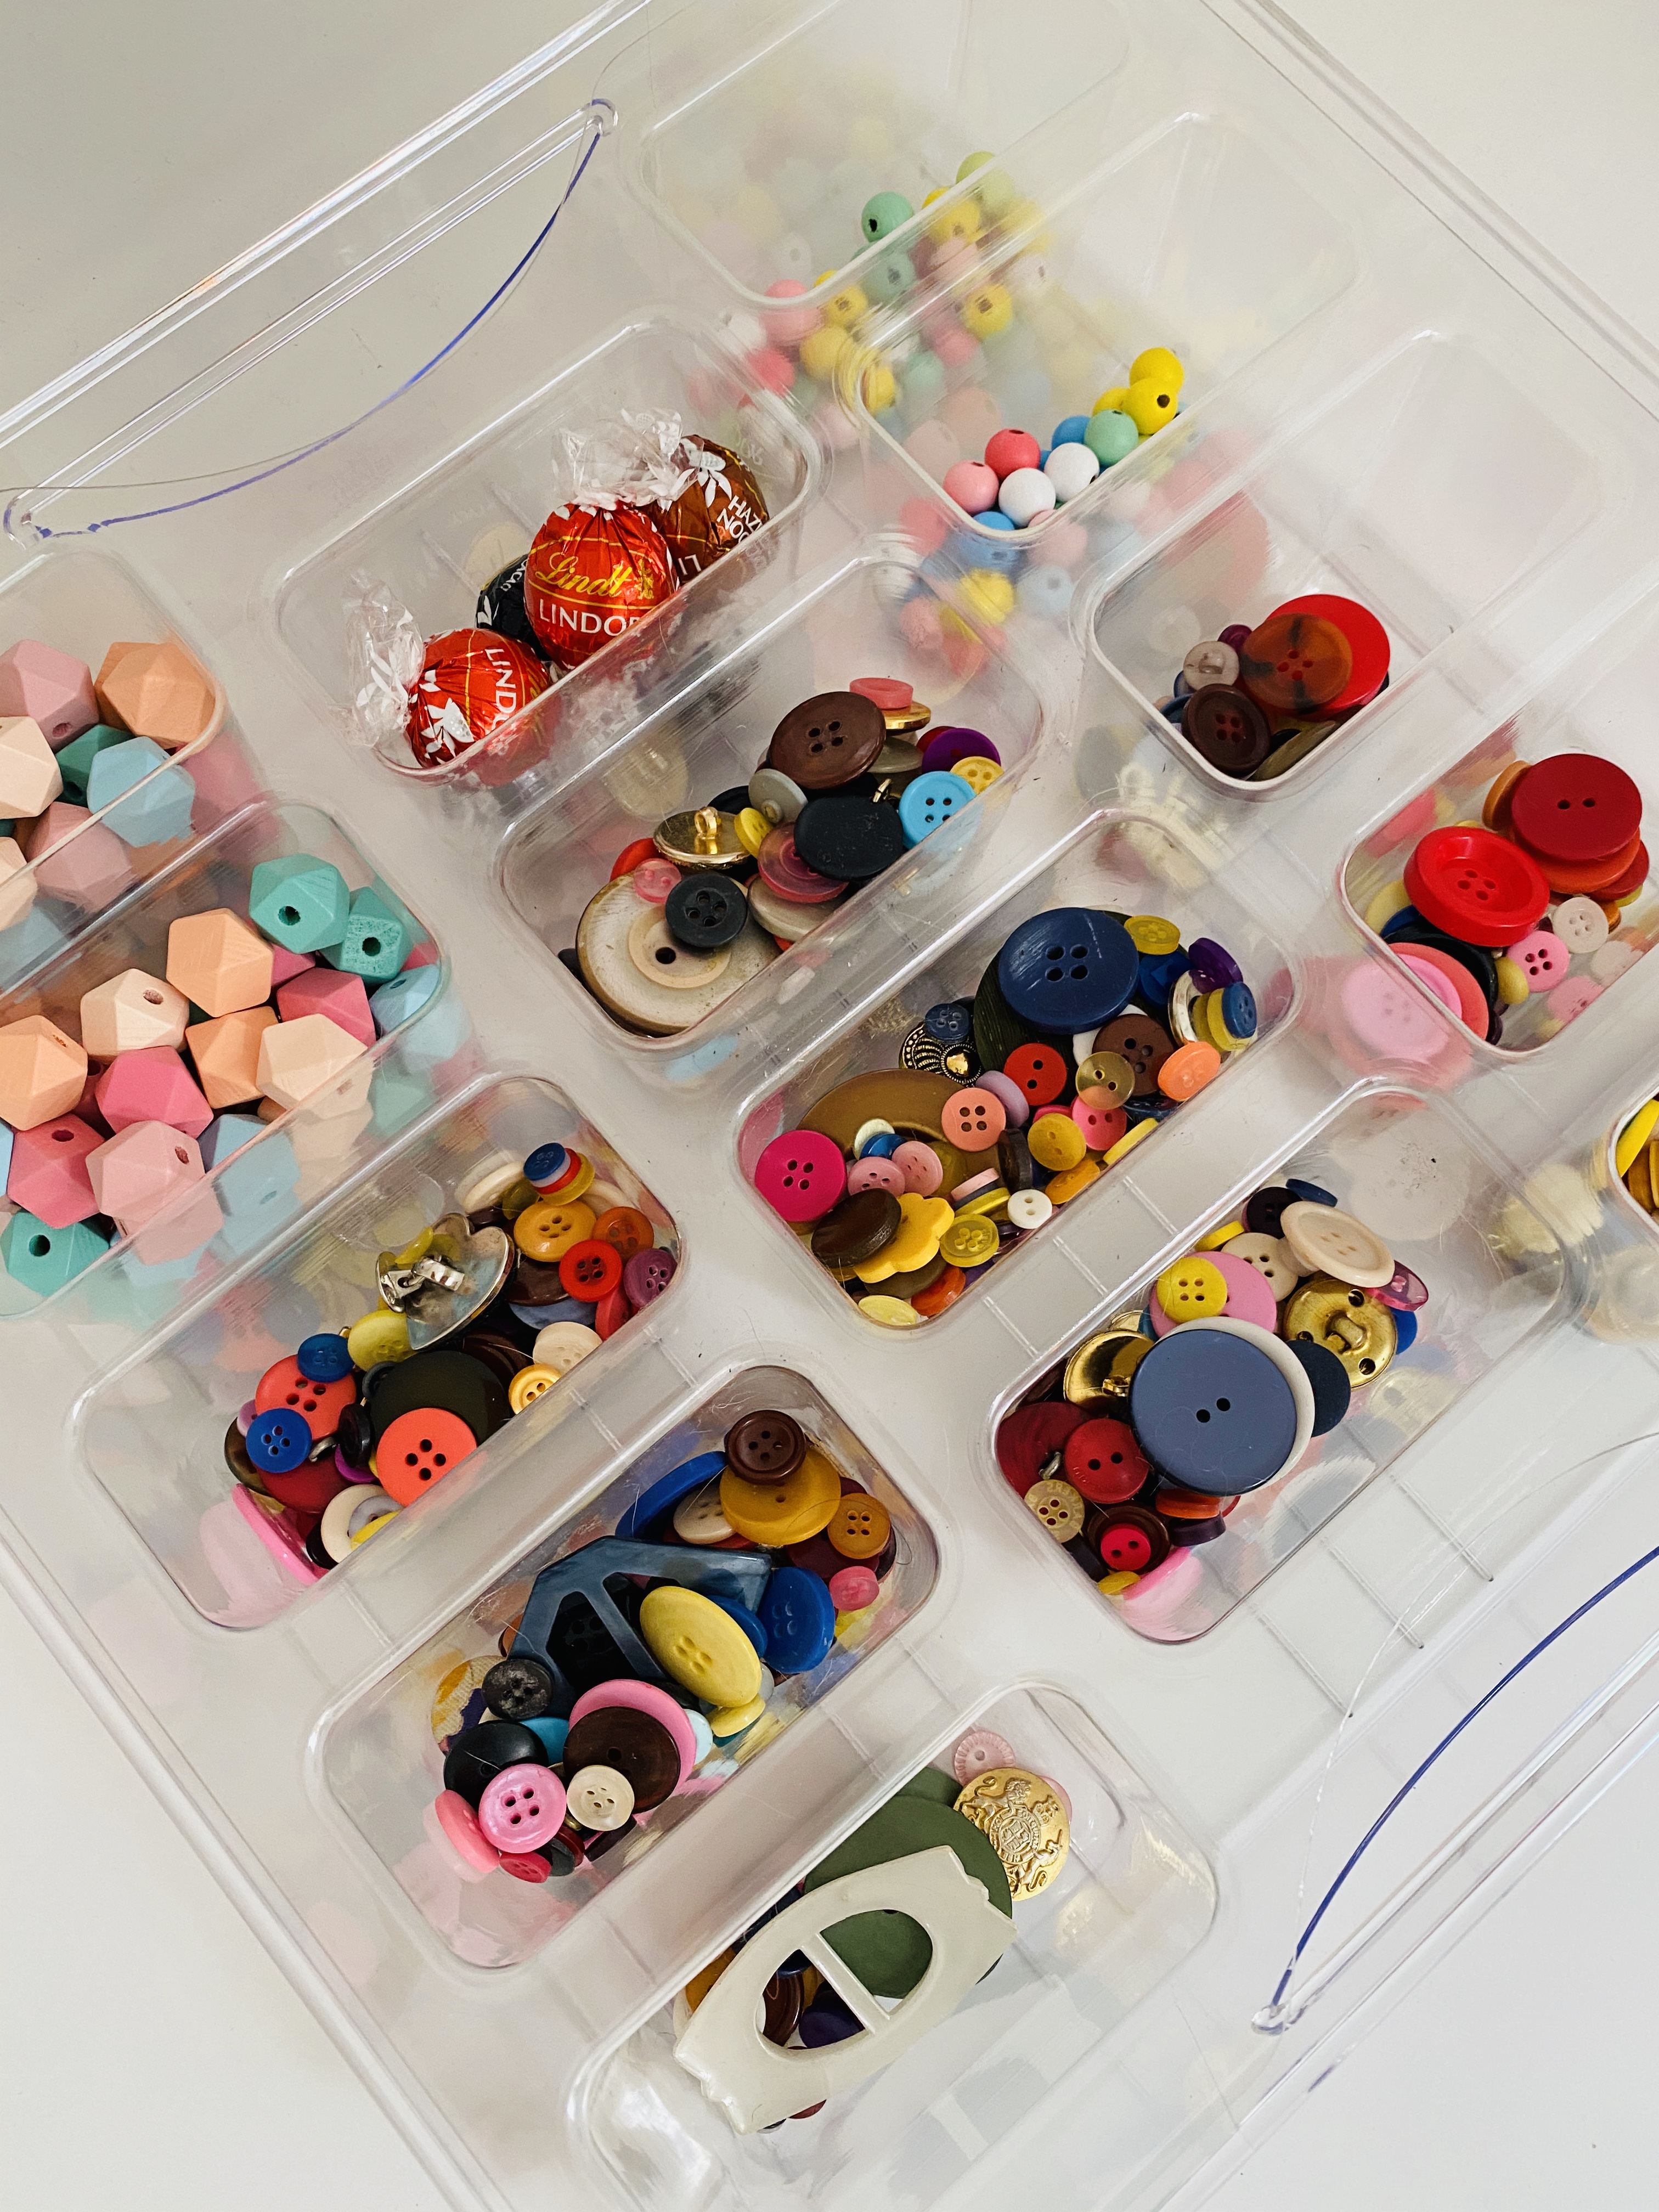 Das BrandBox Korbteiler Set ist ein Zubehör für die Unterteilung unserer großen, durchsichtigen BrandBox Hartplastikkörbe. 14 Unterteilungen bieten dir optimale Sortierung von Knöpfen, Perlen, Bügelperlen, Reißverschlüssen, Ösen, Nieten, Haken, Kärtchen, Patronen, Büroklammern und sämtlichem Kleinteiligen.